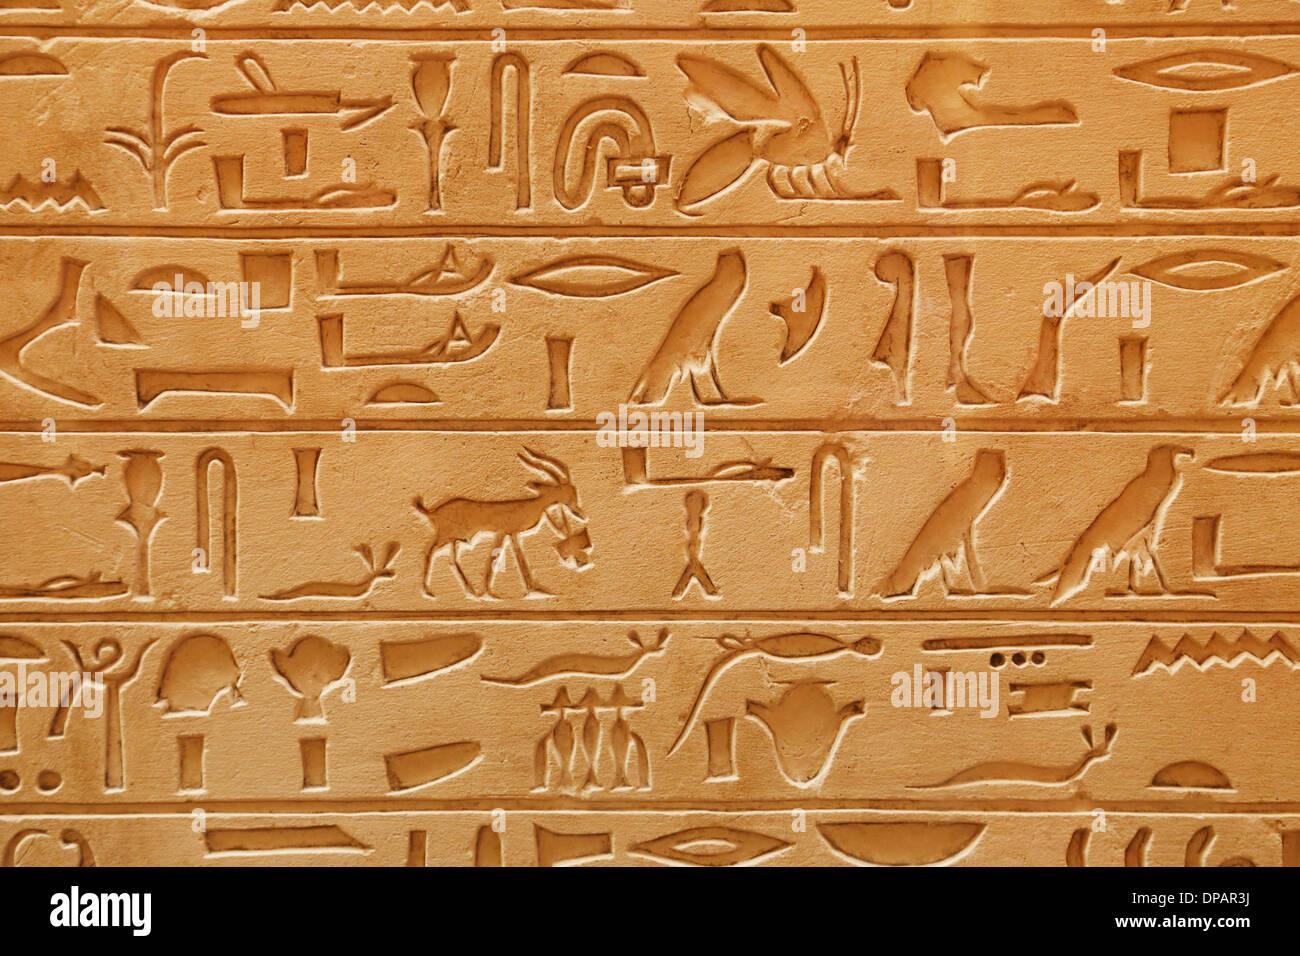 Un vieux pictural égyptien écrit sur un grès Photo Stock